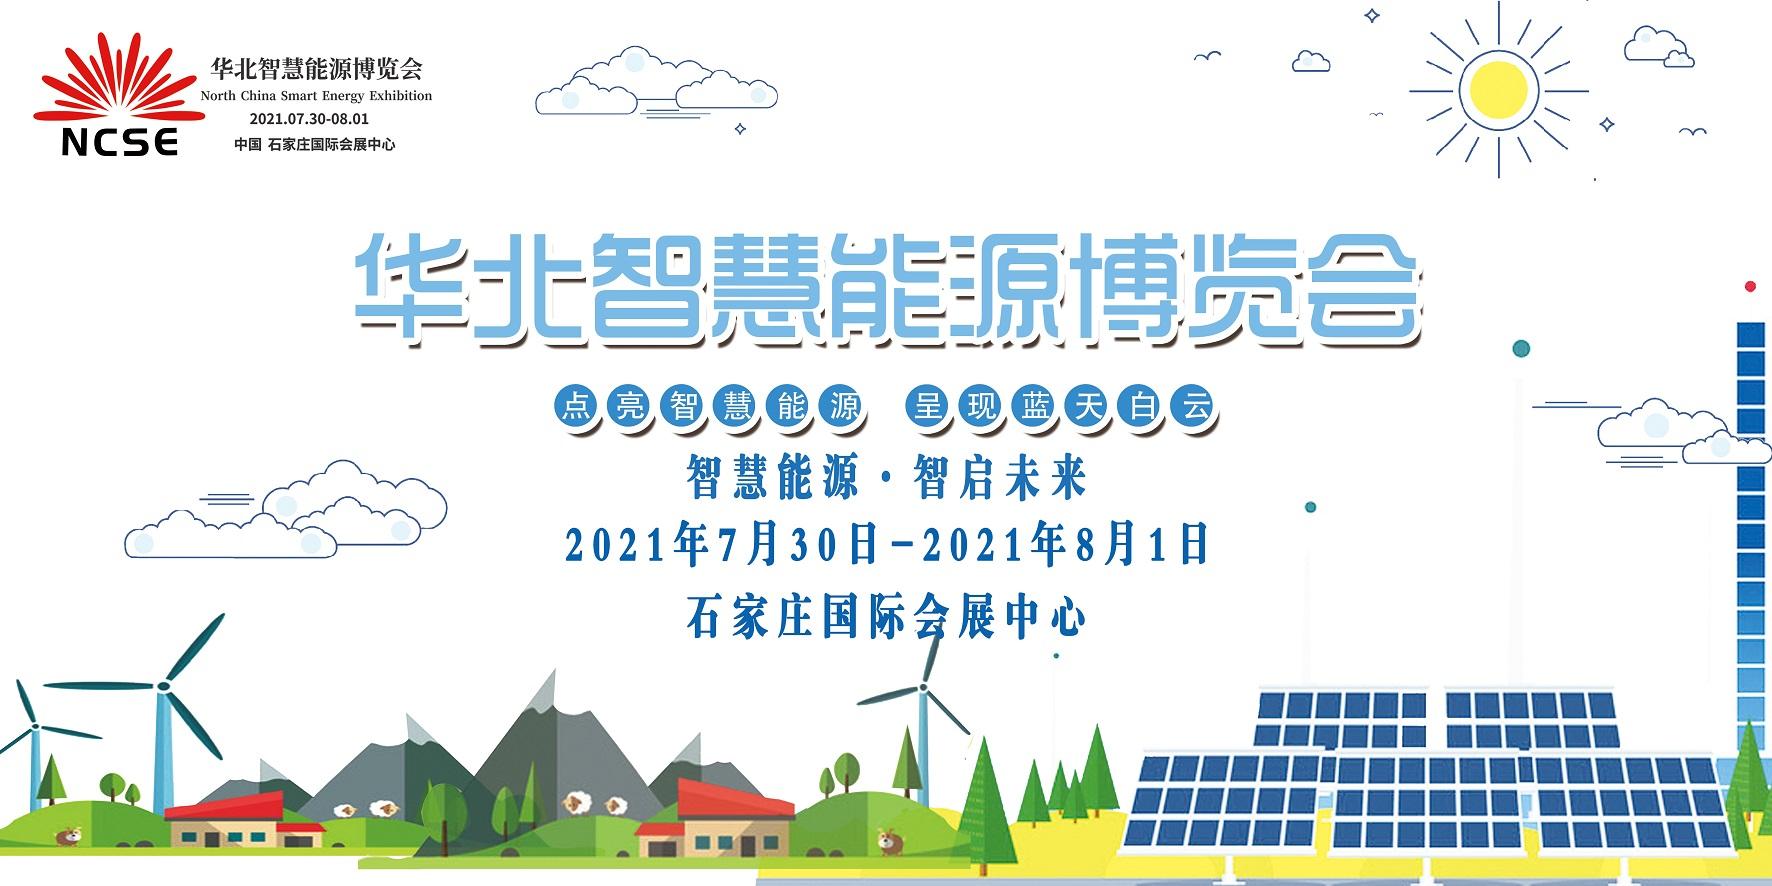 報名通道已經開啟-2021年華北智慧能源博覽會